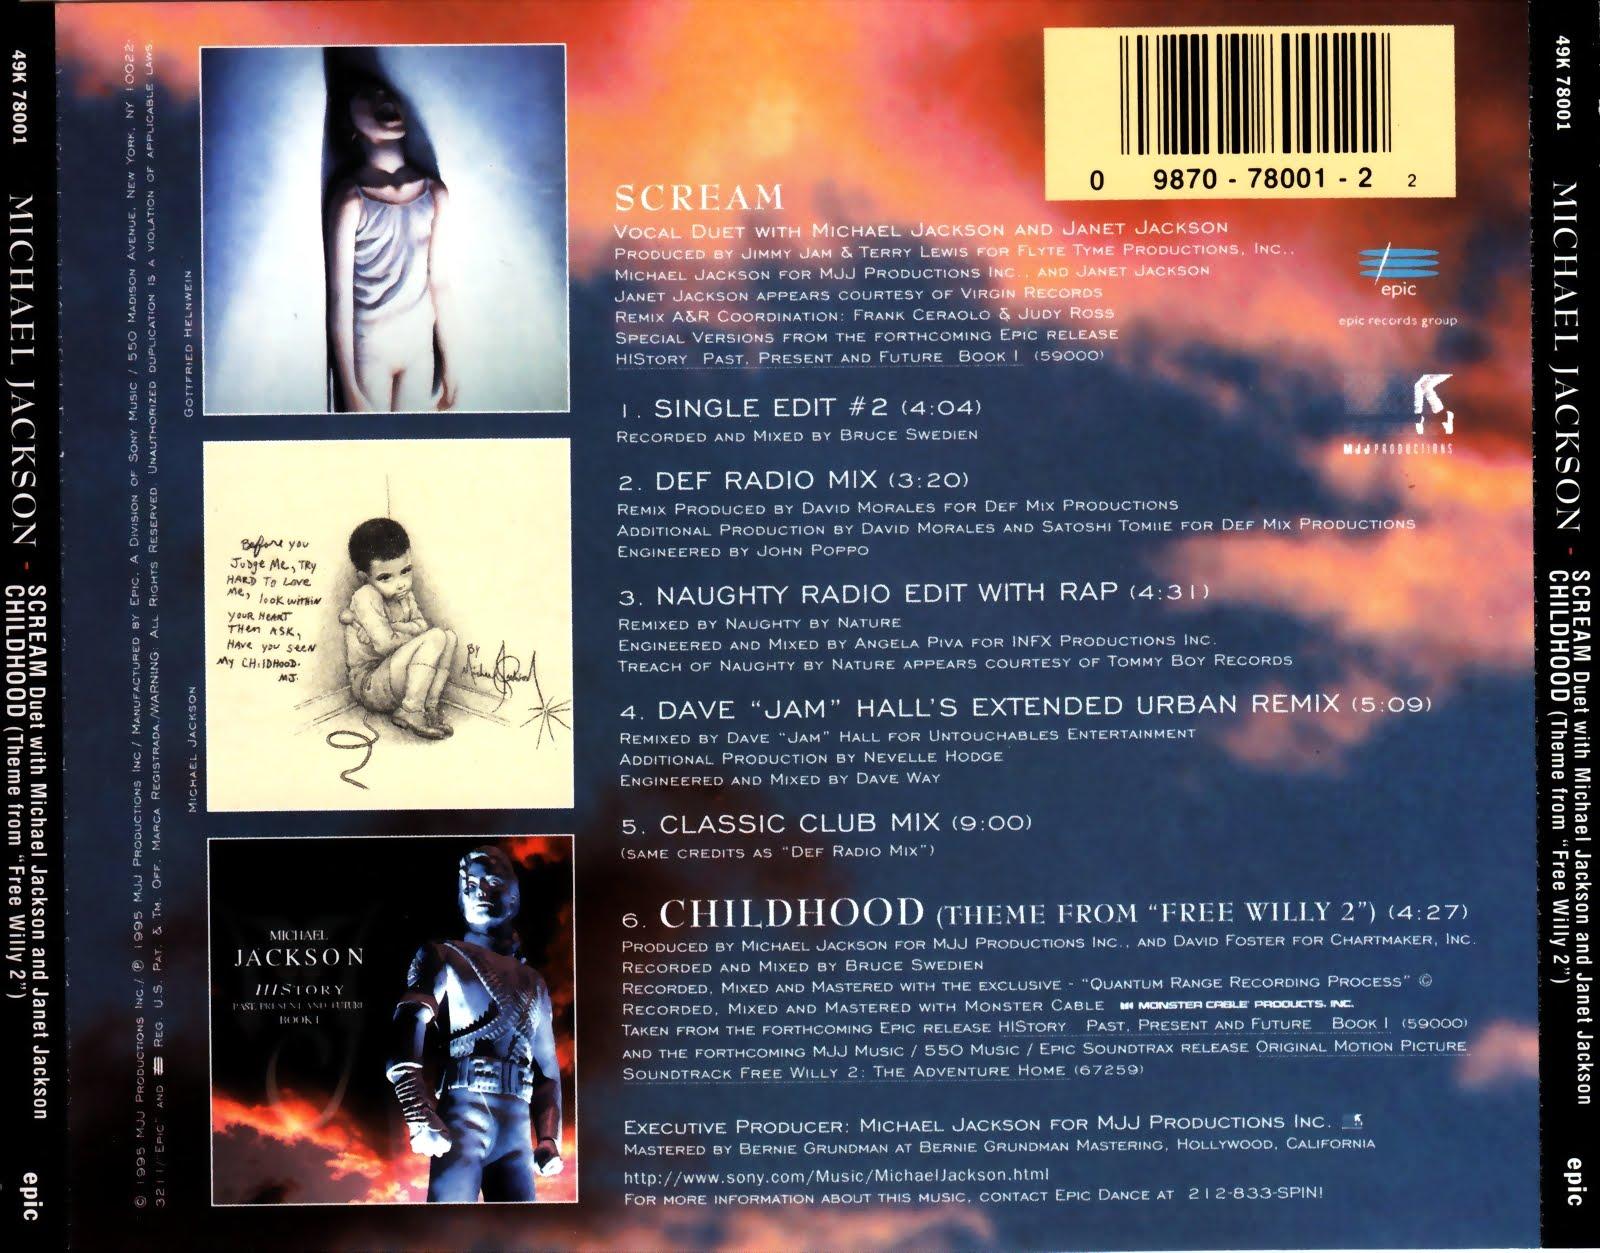 http://4.bp.blogspot.com/-f0CcrRMB6Xk/TyjotwiSxtI/AAAAAAAAHs8/XotPu03_YhU/s1600/00-Michael_Jackson-Scream_-_Childhood-%2528CDM%2529-1995-%25283%2529-hlm.JPG